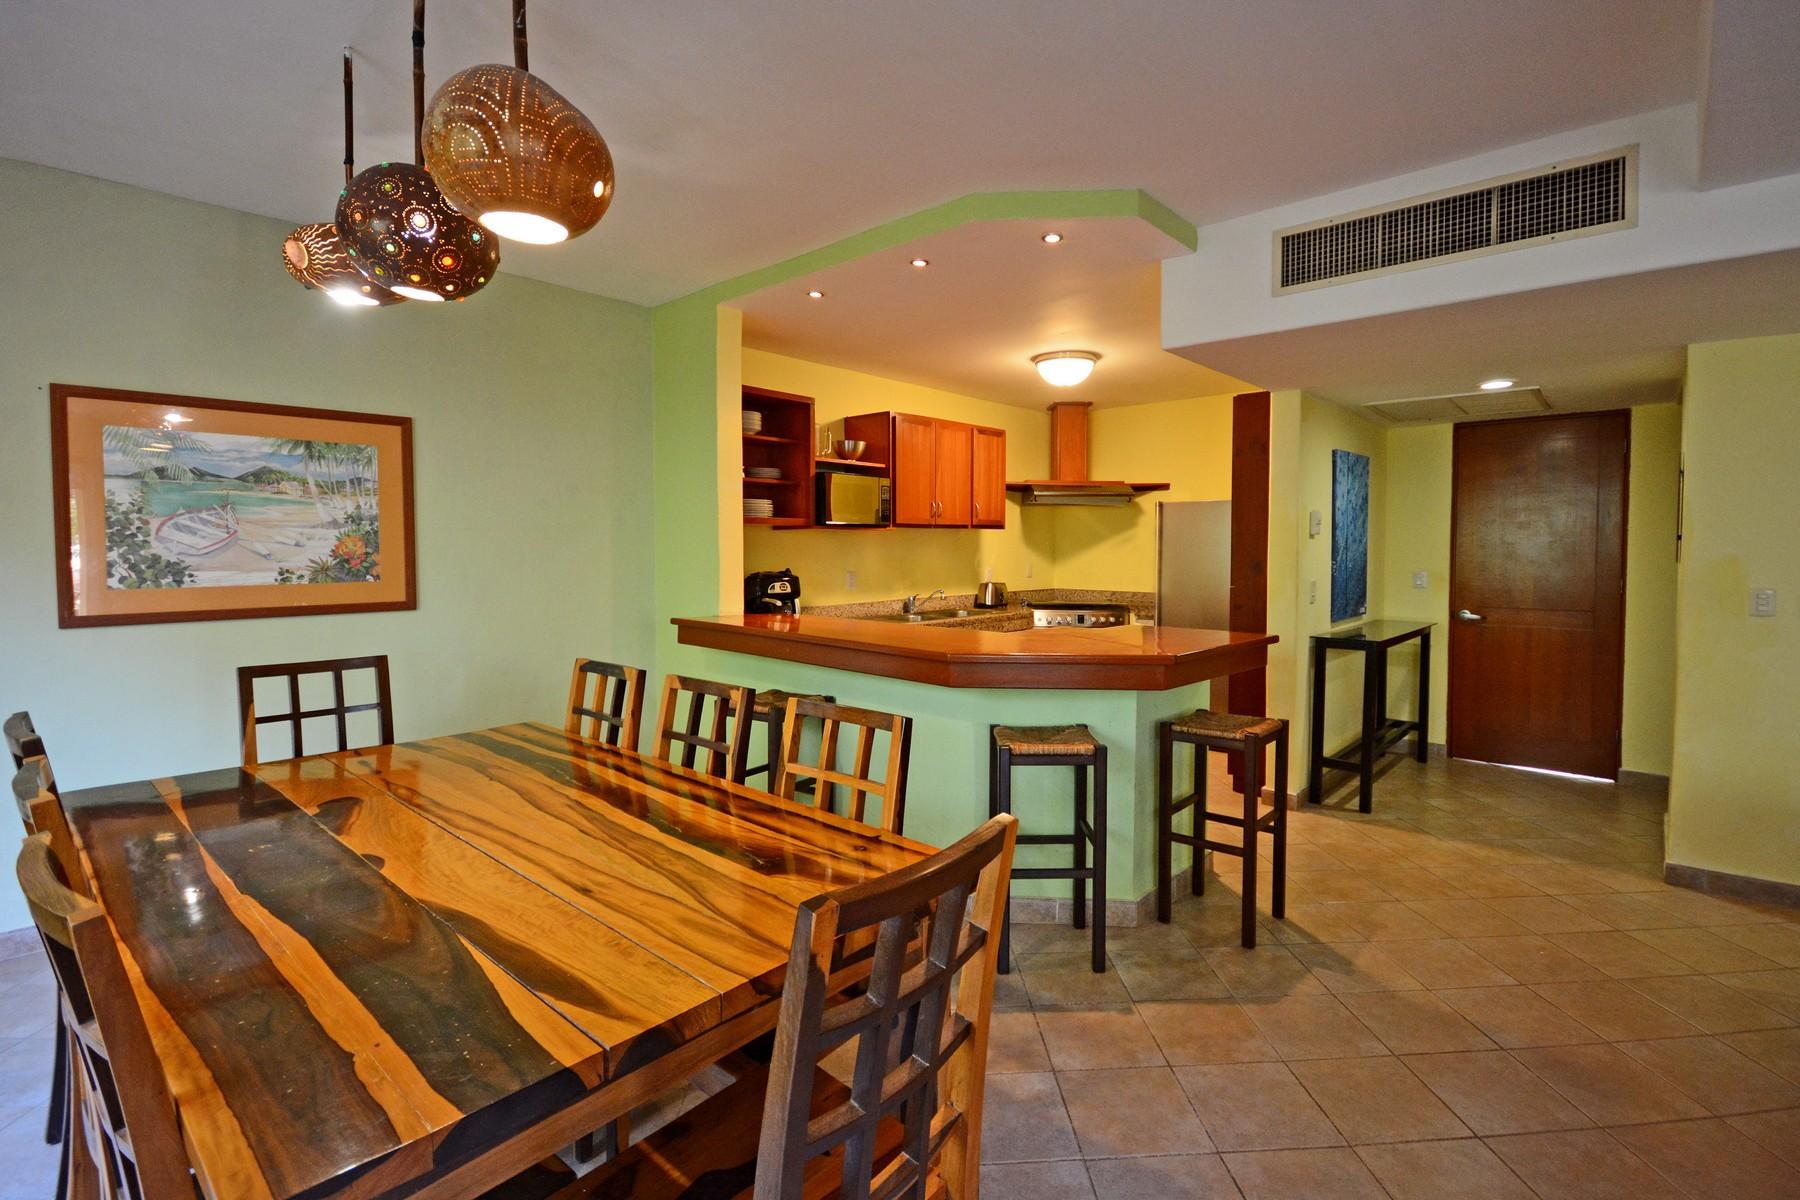 Additional photo for property listing at CASA AMIGOS Avenida Paseo Coba Condominio Hoyo 4, PH #103 Playa Del Carmen, Quintana Roo 77710 México